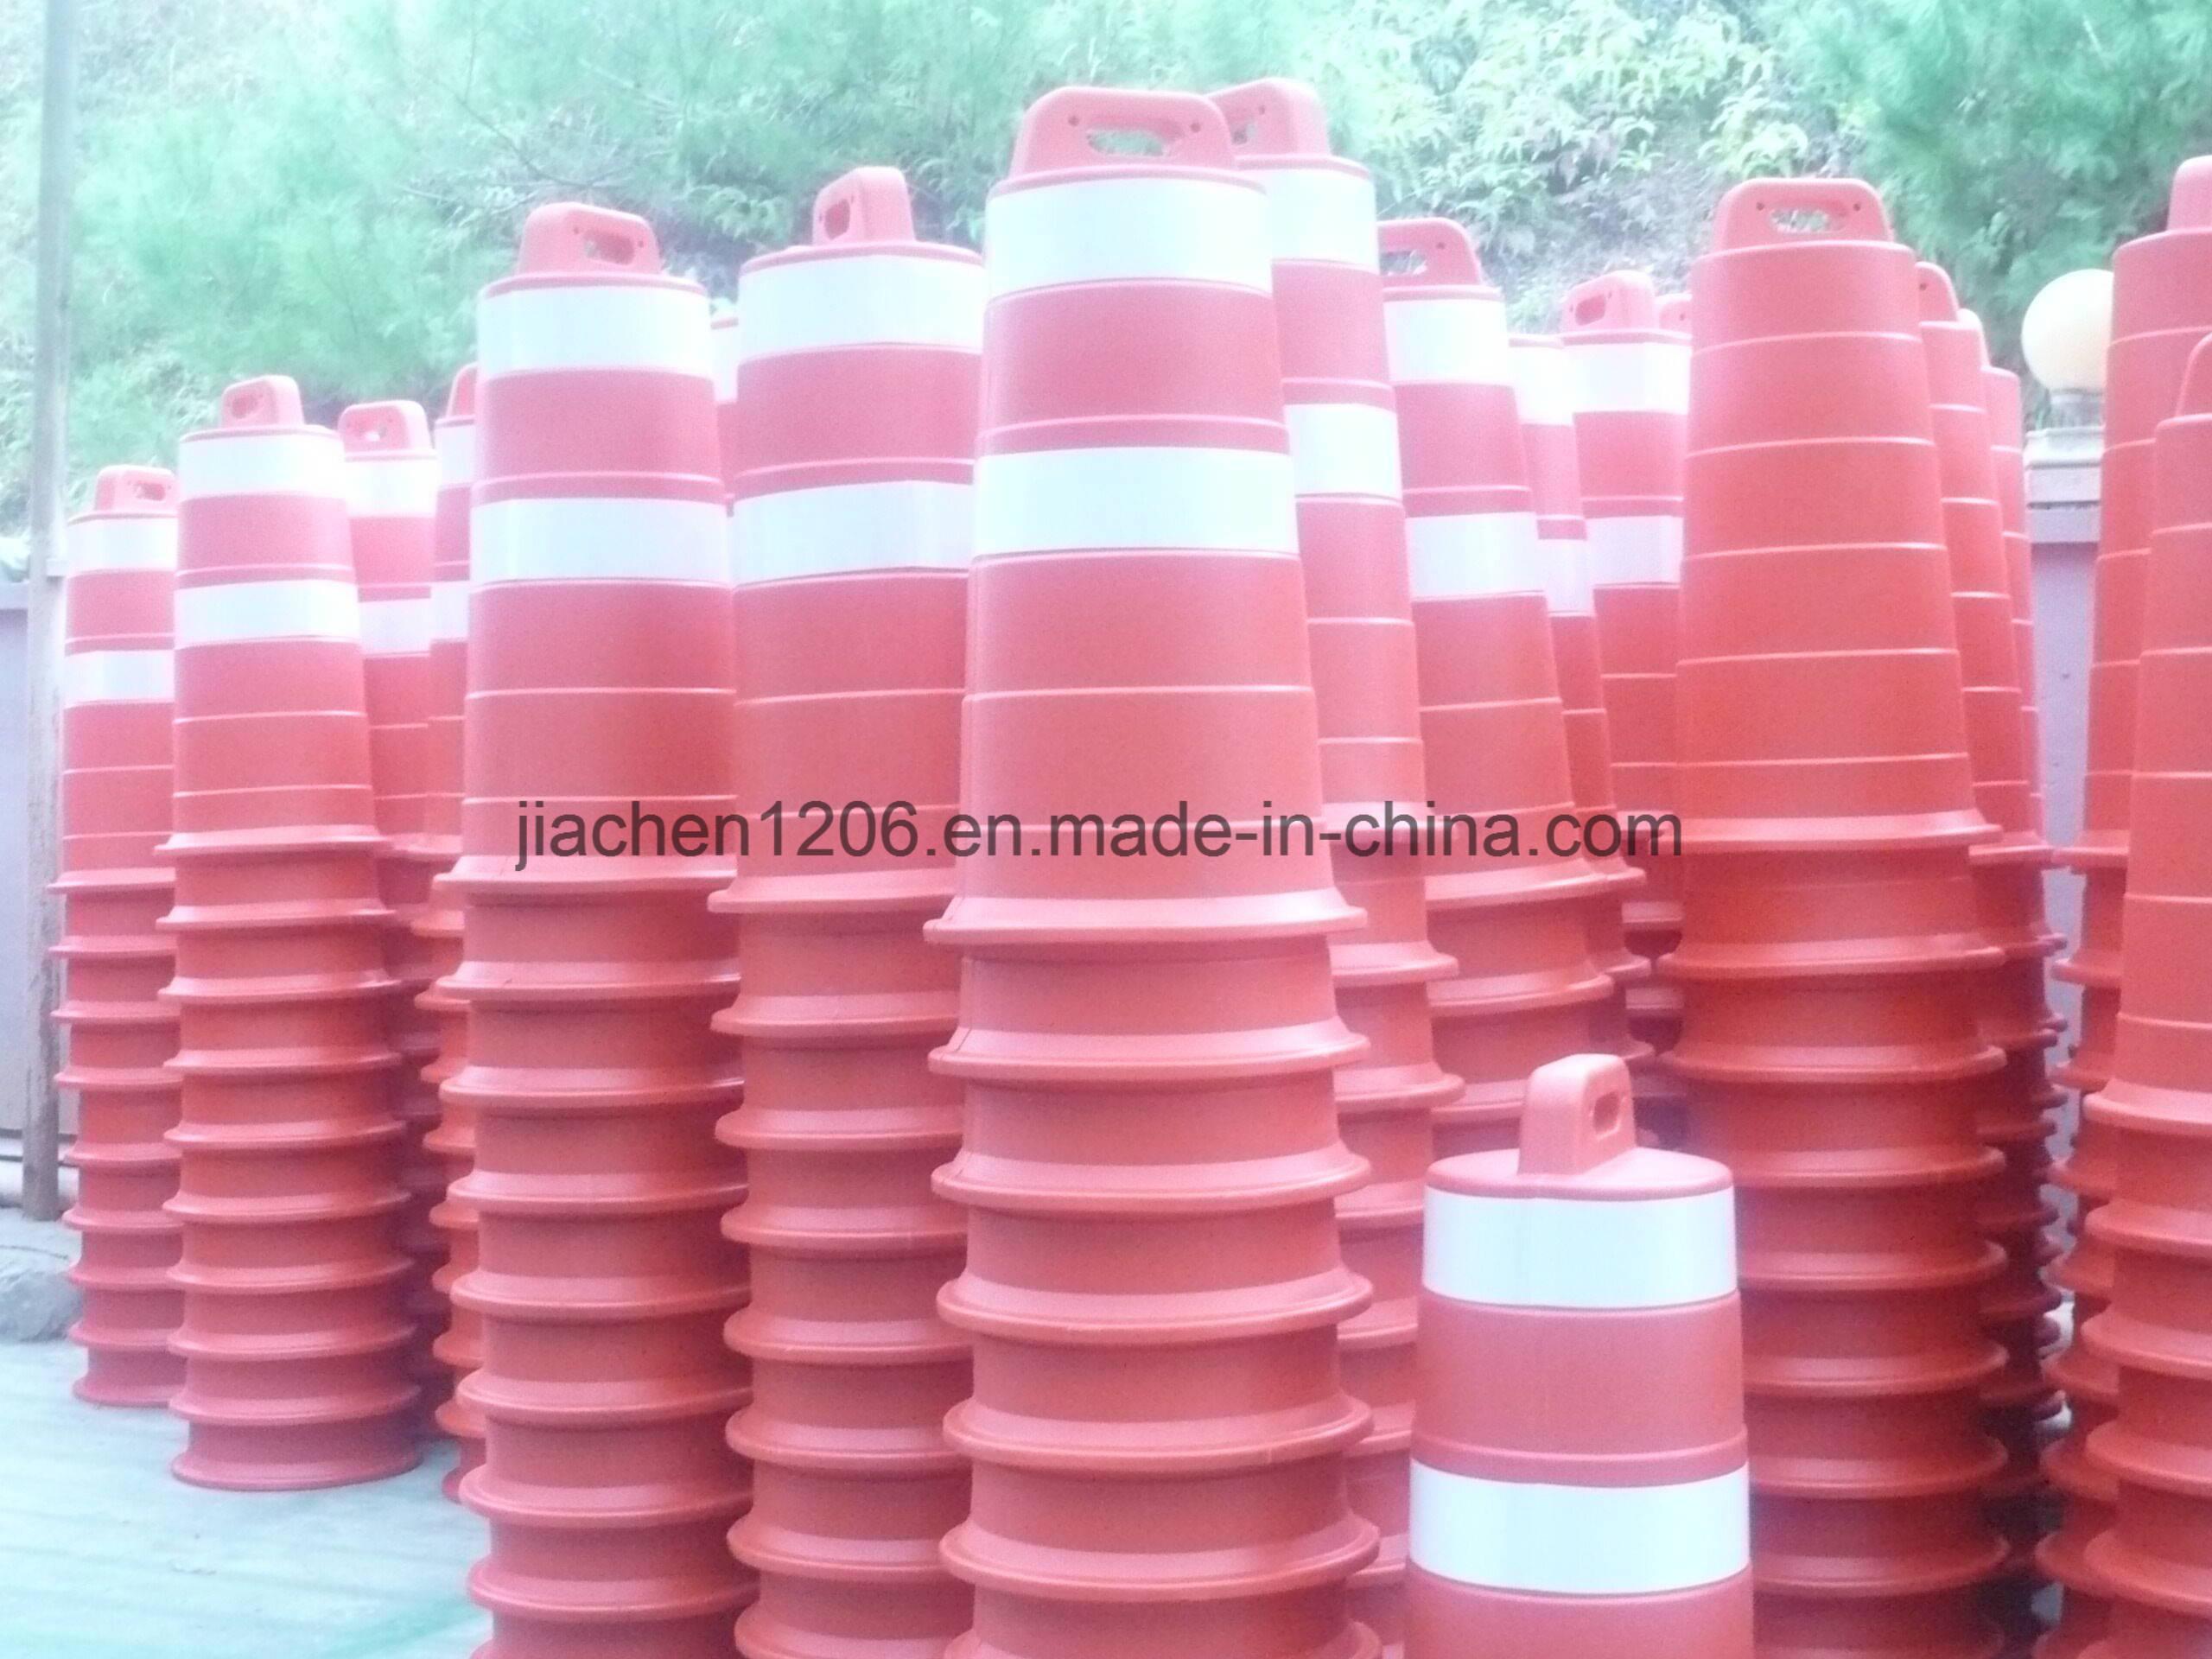 Plastic traffic drum